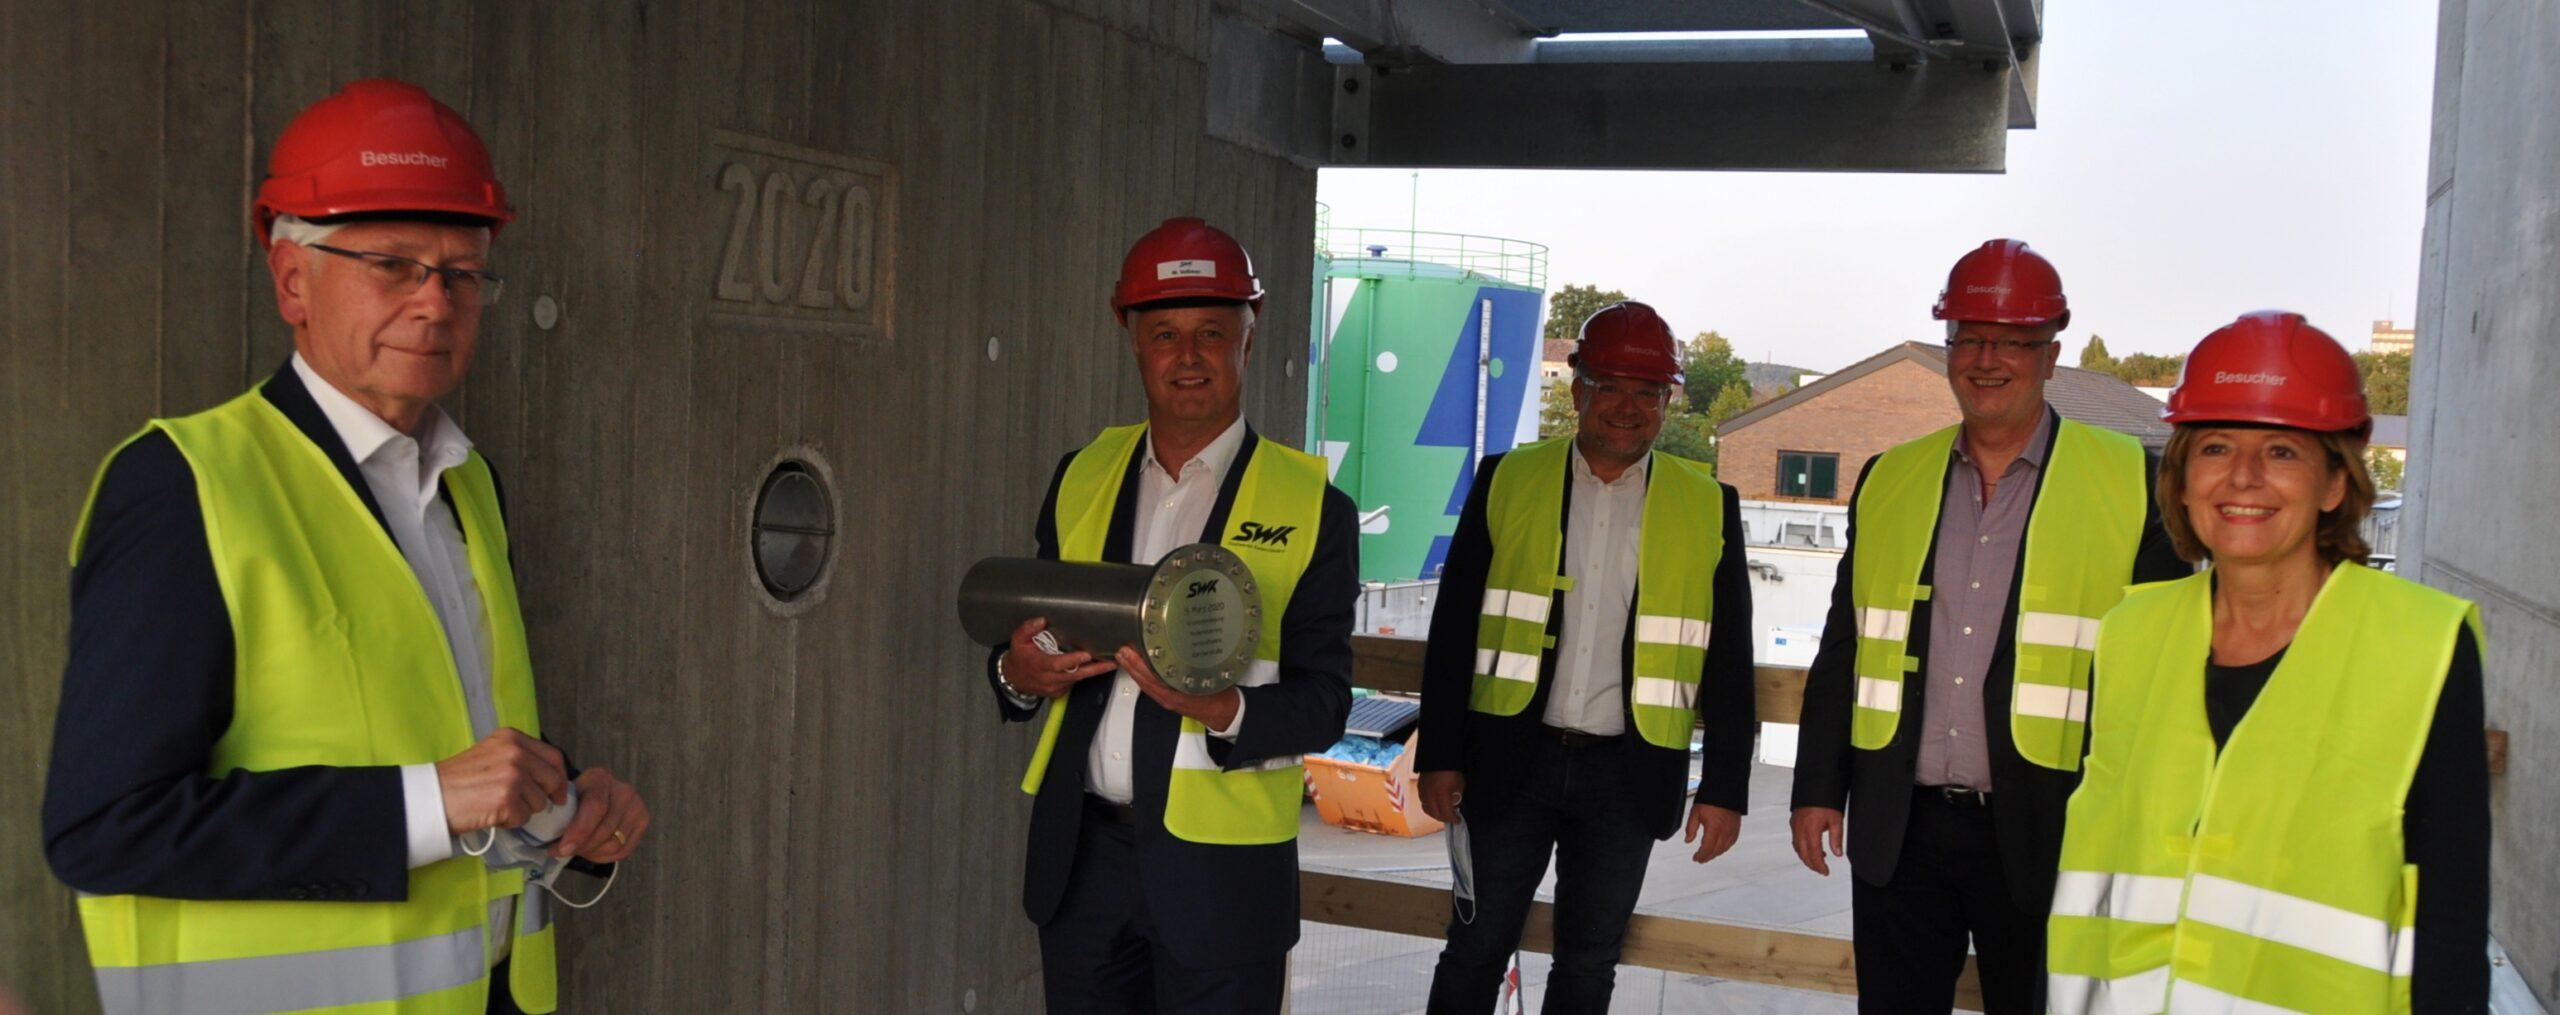 Ministerpräsidentin zu Besuch im Heizkraftwerk der SWK Stadtwerke Kaiserslautern